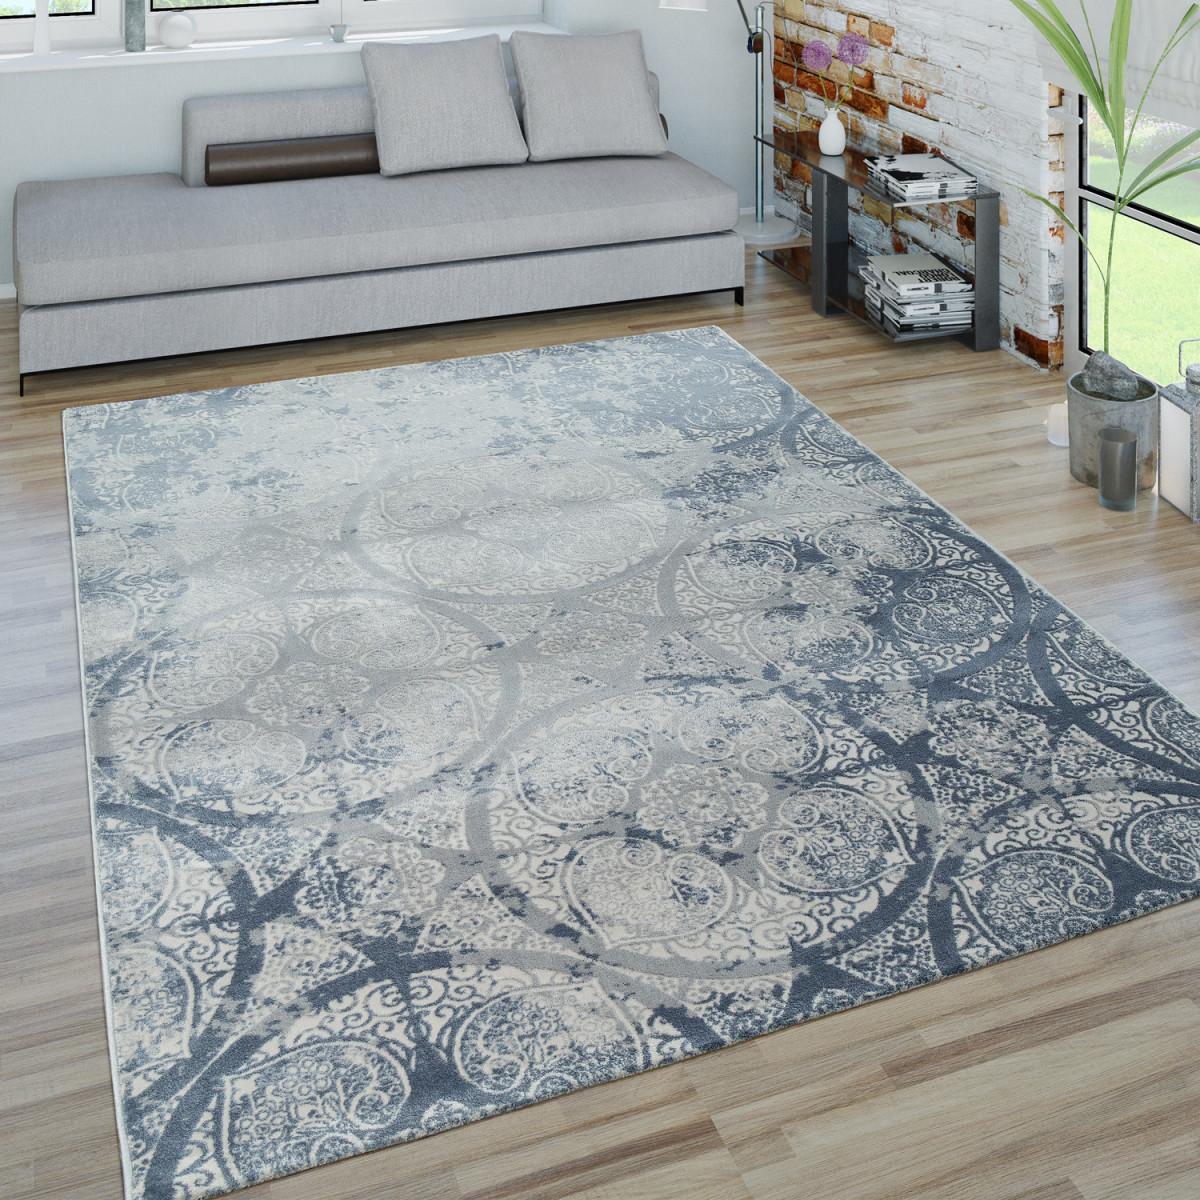 Details Zu Kurzflor Wohnzimmer Teppich 3Doptik Ornamente Geometrisches  Design In Blau Grau von Teppich Blau Wohnzimmer Bild